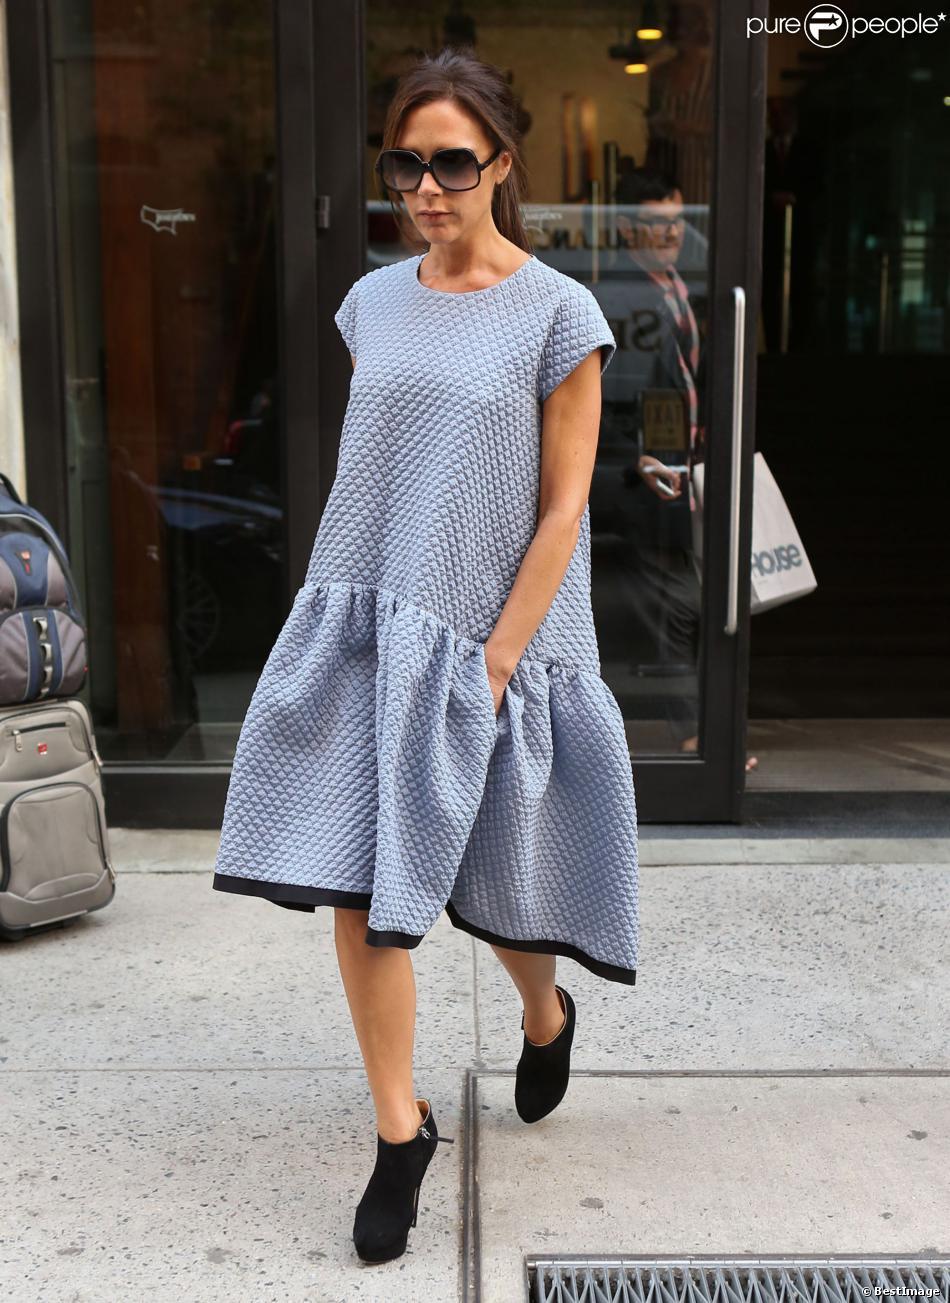 Victoria Beckham brille à New York, habillée d'une robe Victoria Victoria Beckham (sa deuxième marque de vêtements) issue de la collection printemps-été 2014 et de bottines Giuseppe Zanotti. Le 9 septembre 2013.